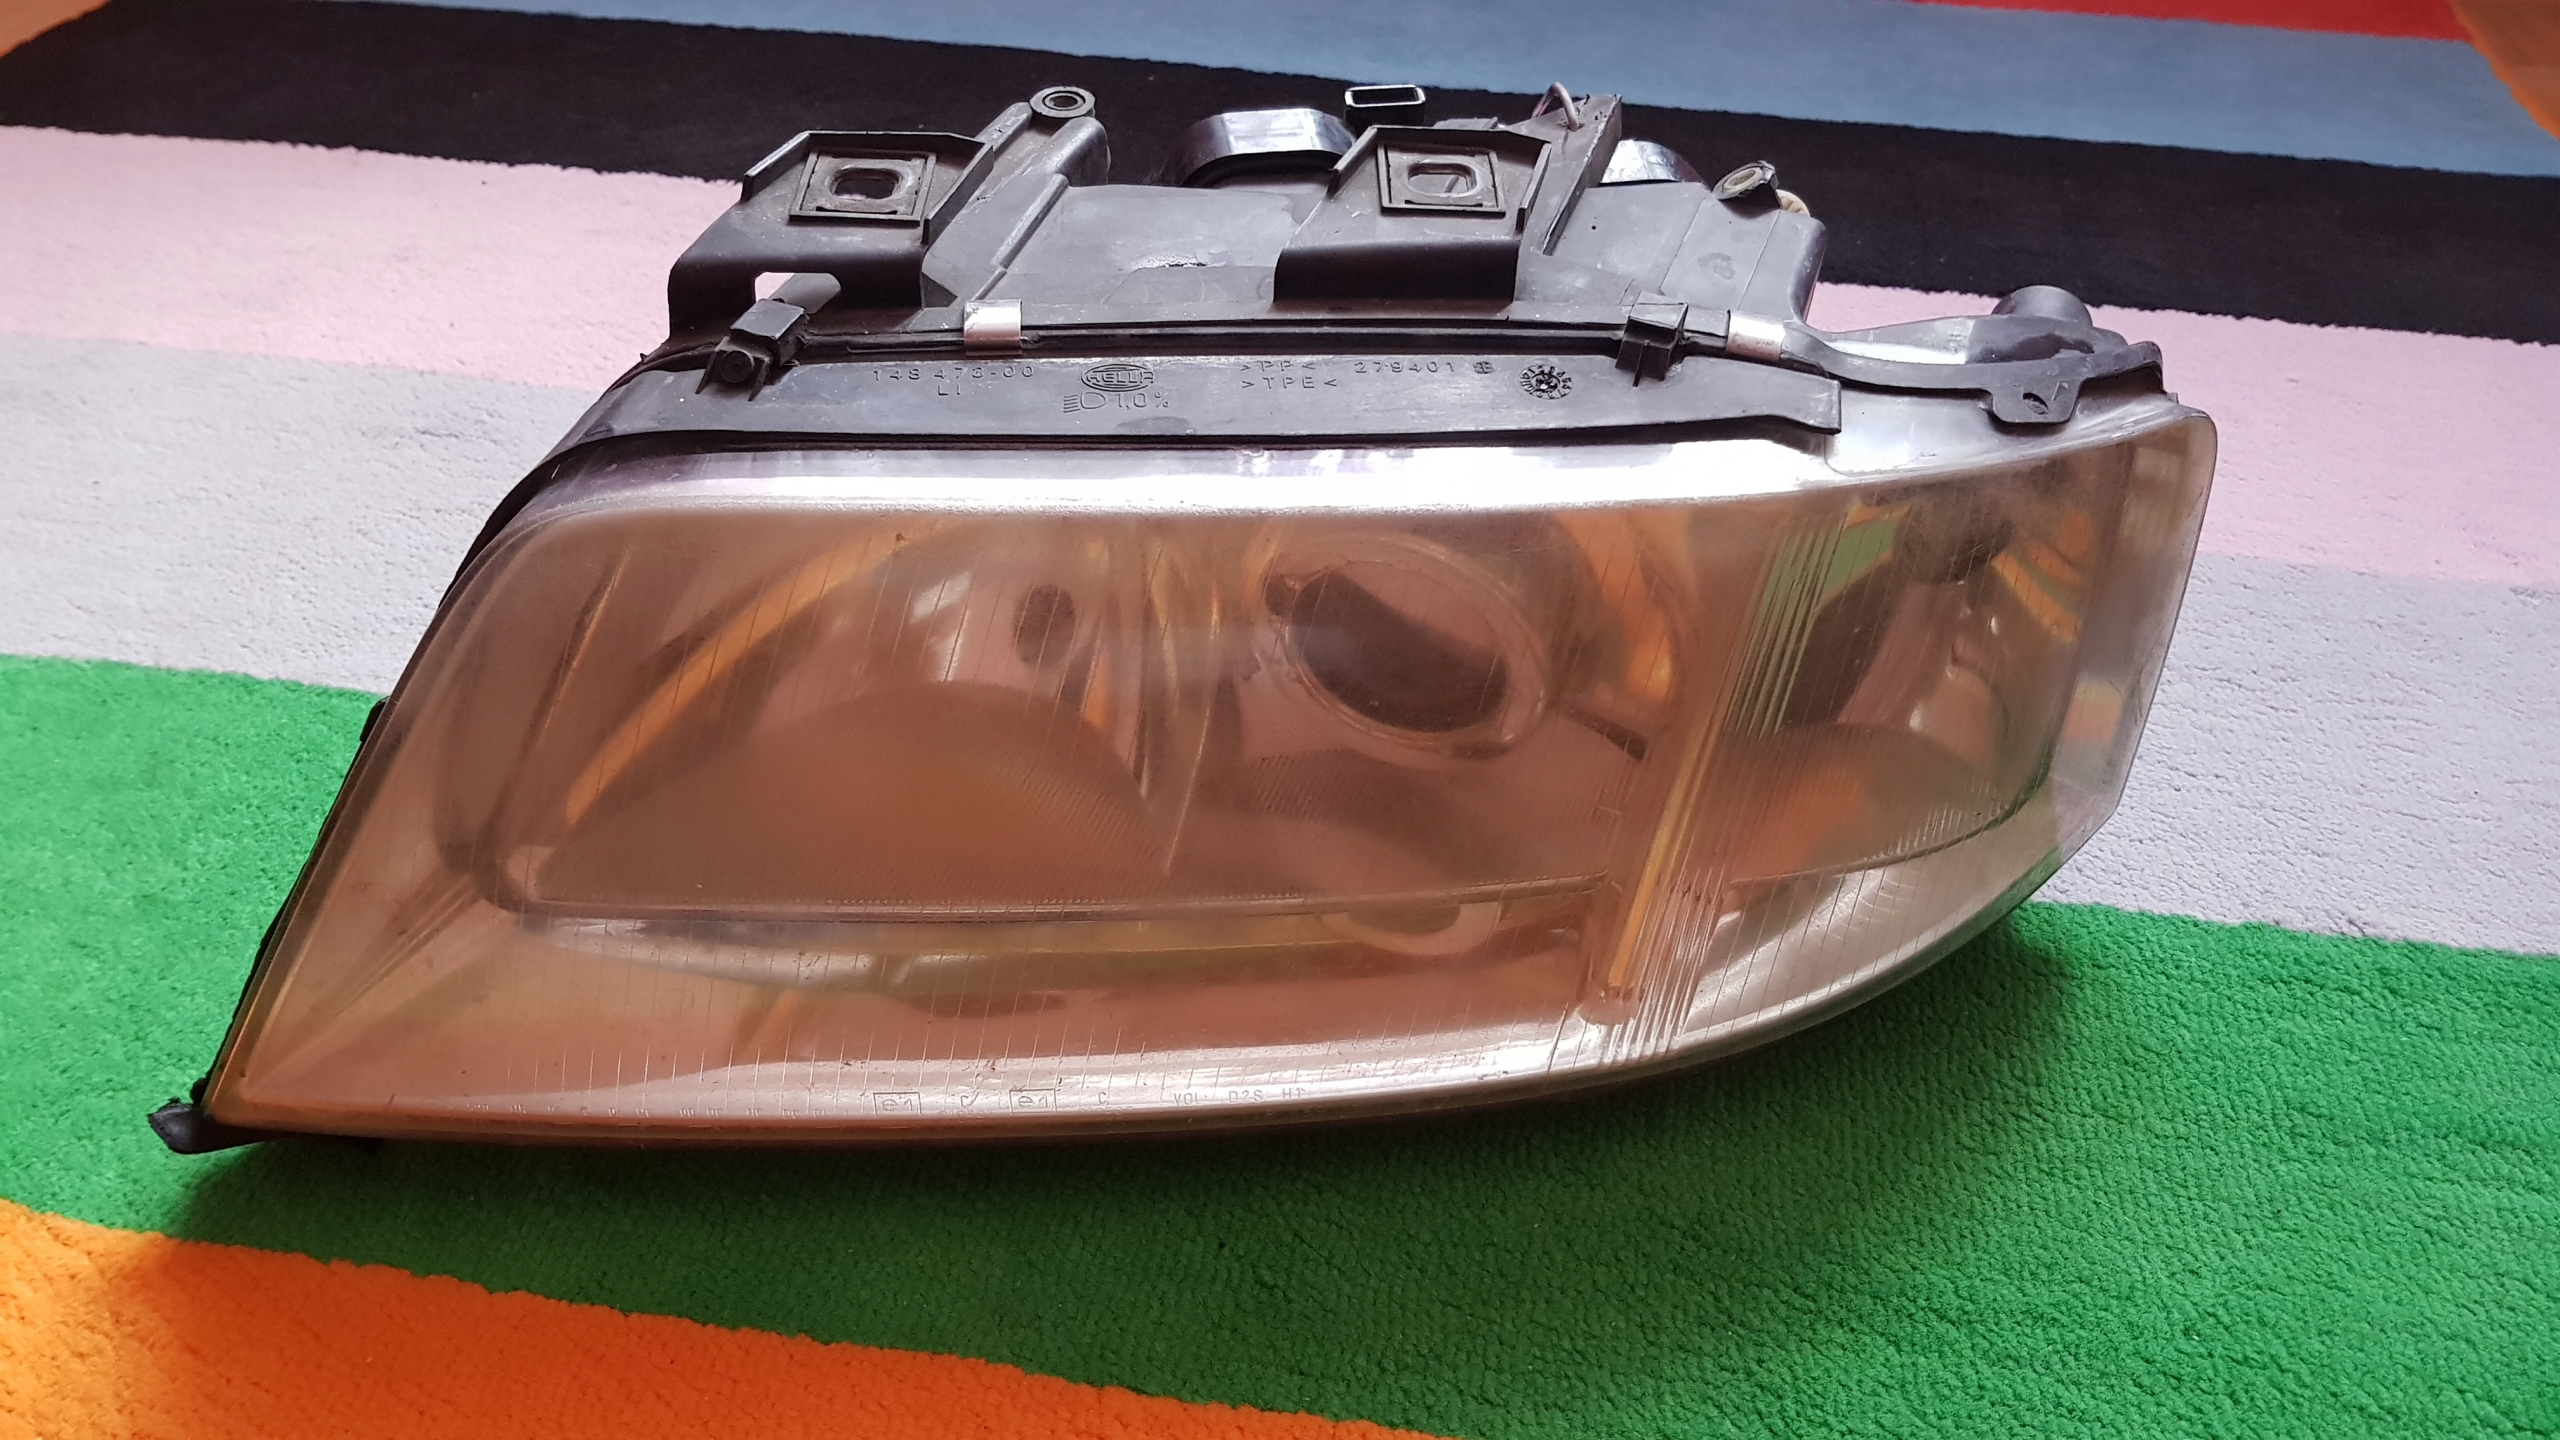 Lampa Lewa Przód Audi A6 C5 Przedlift Soczewka 7691690277